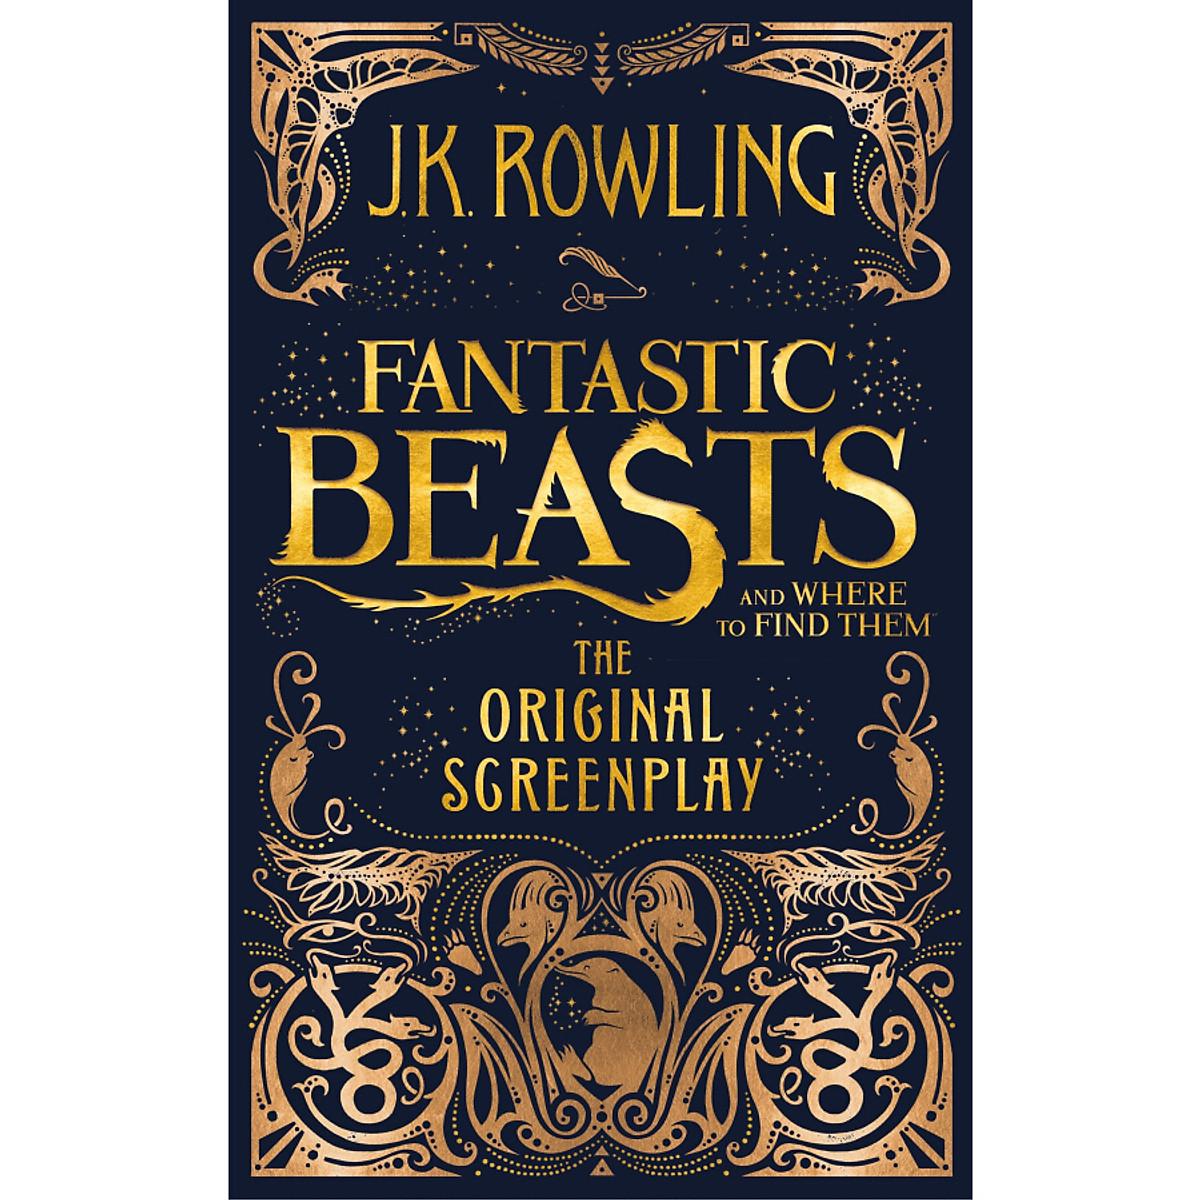 Hình đại diện sản phẩm Fantastic Beasts and Where to Find Them: The Original Screenplay